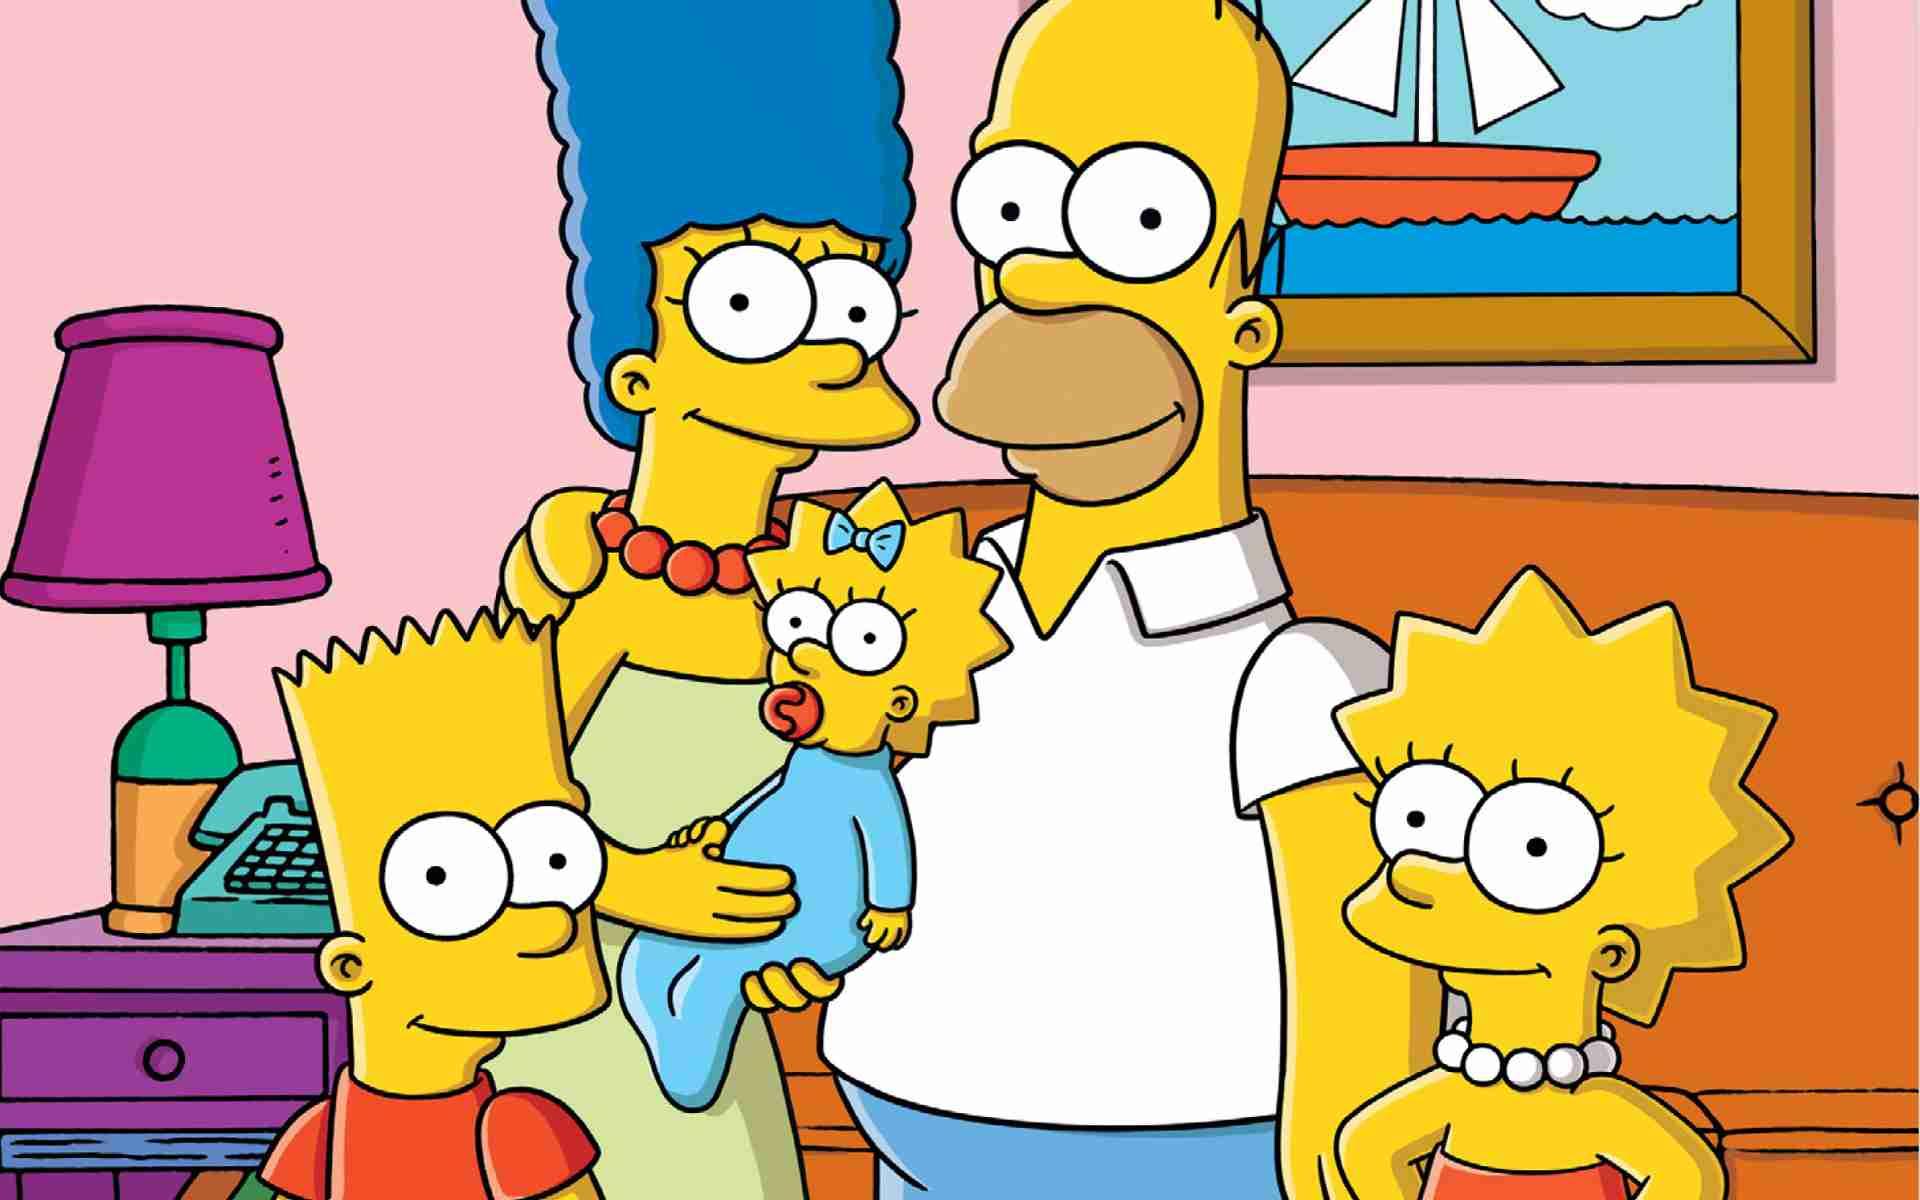 【The Simpsons】(ザ・シンプソンズ)を語ろう